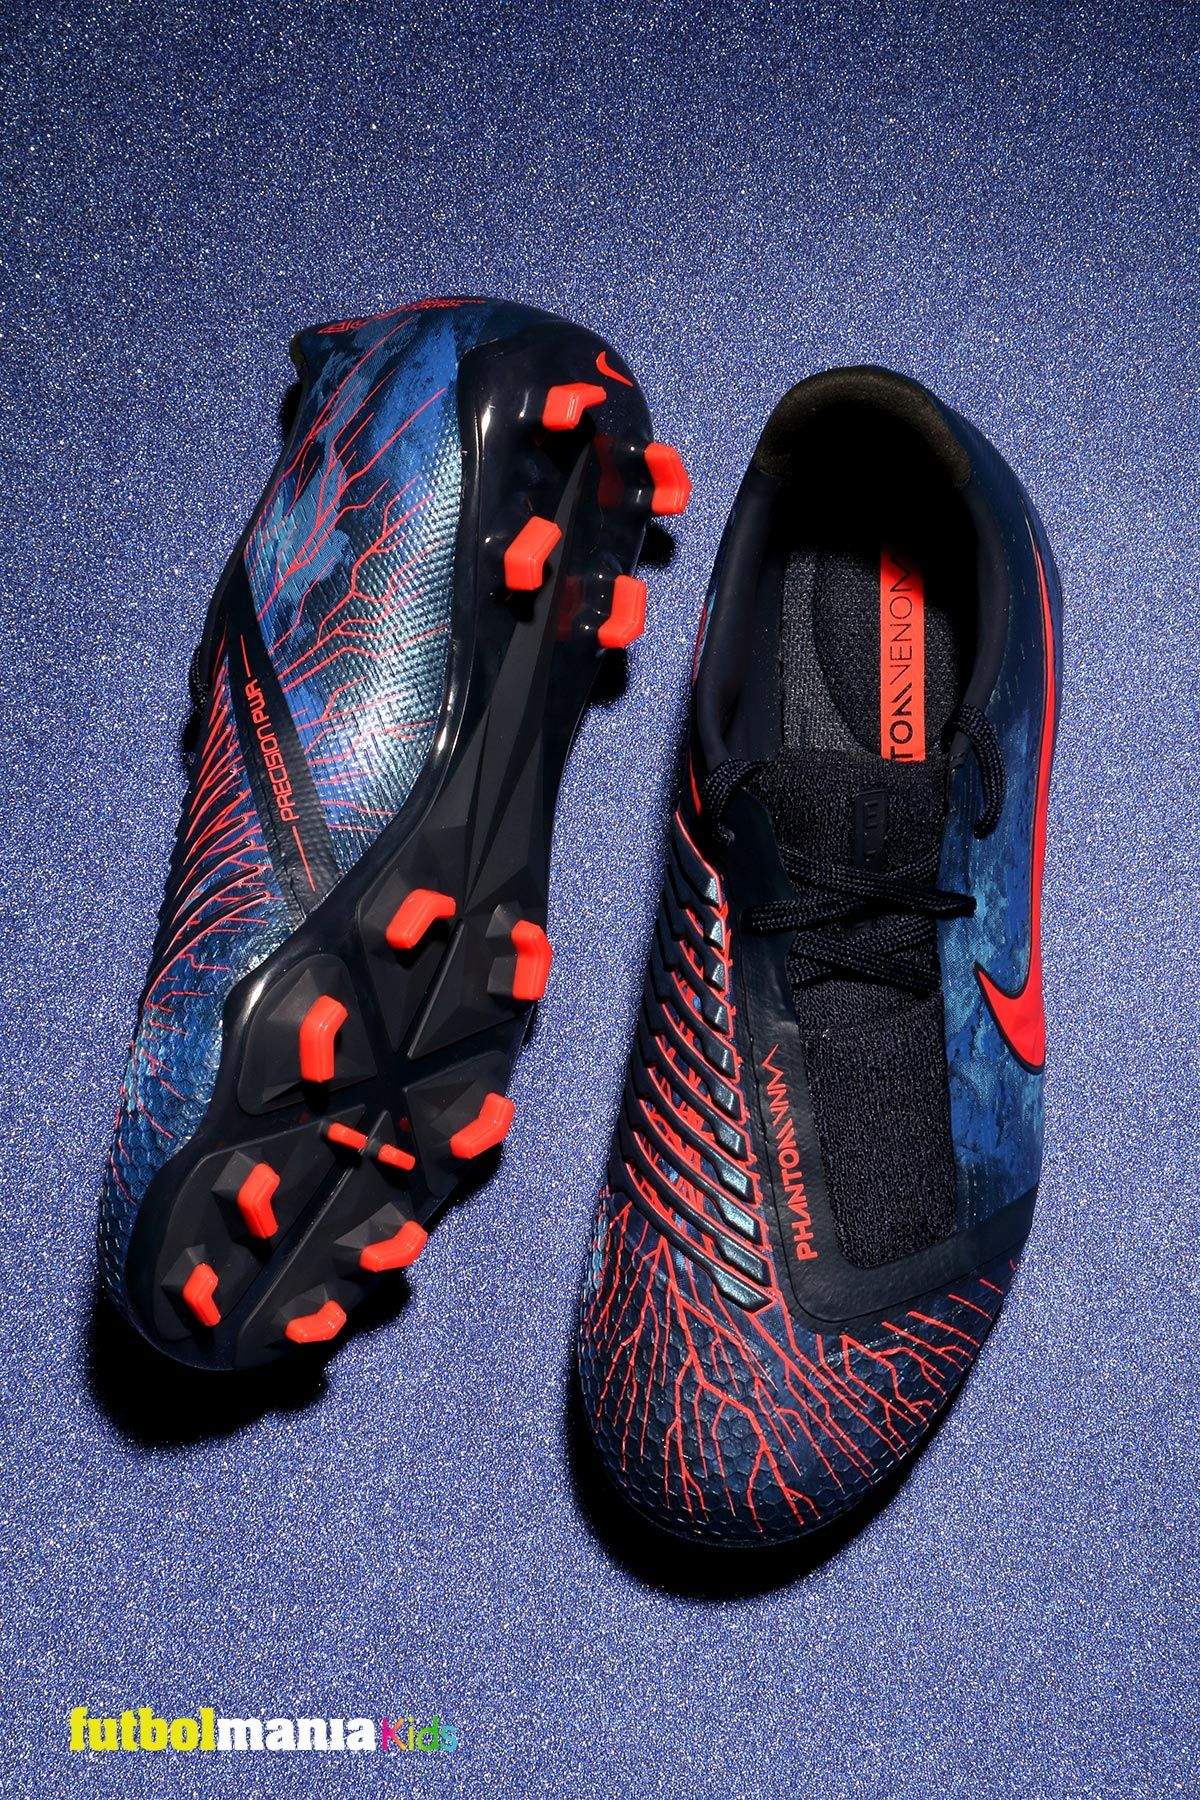 Bueno Imperativo Merecer  Nike Phantom Niño   Botas de futbol nike, Botas de futbol, Tenis para futbol